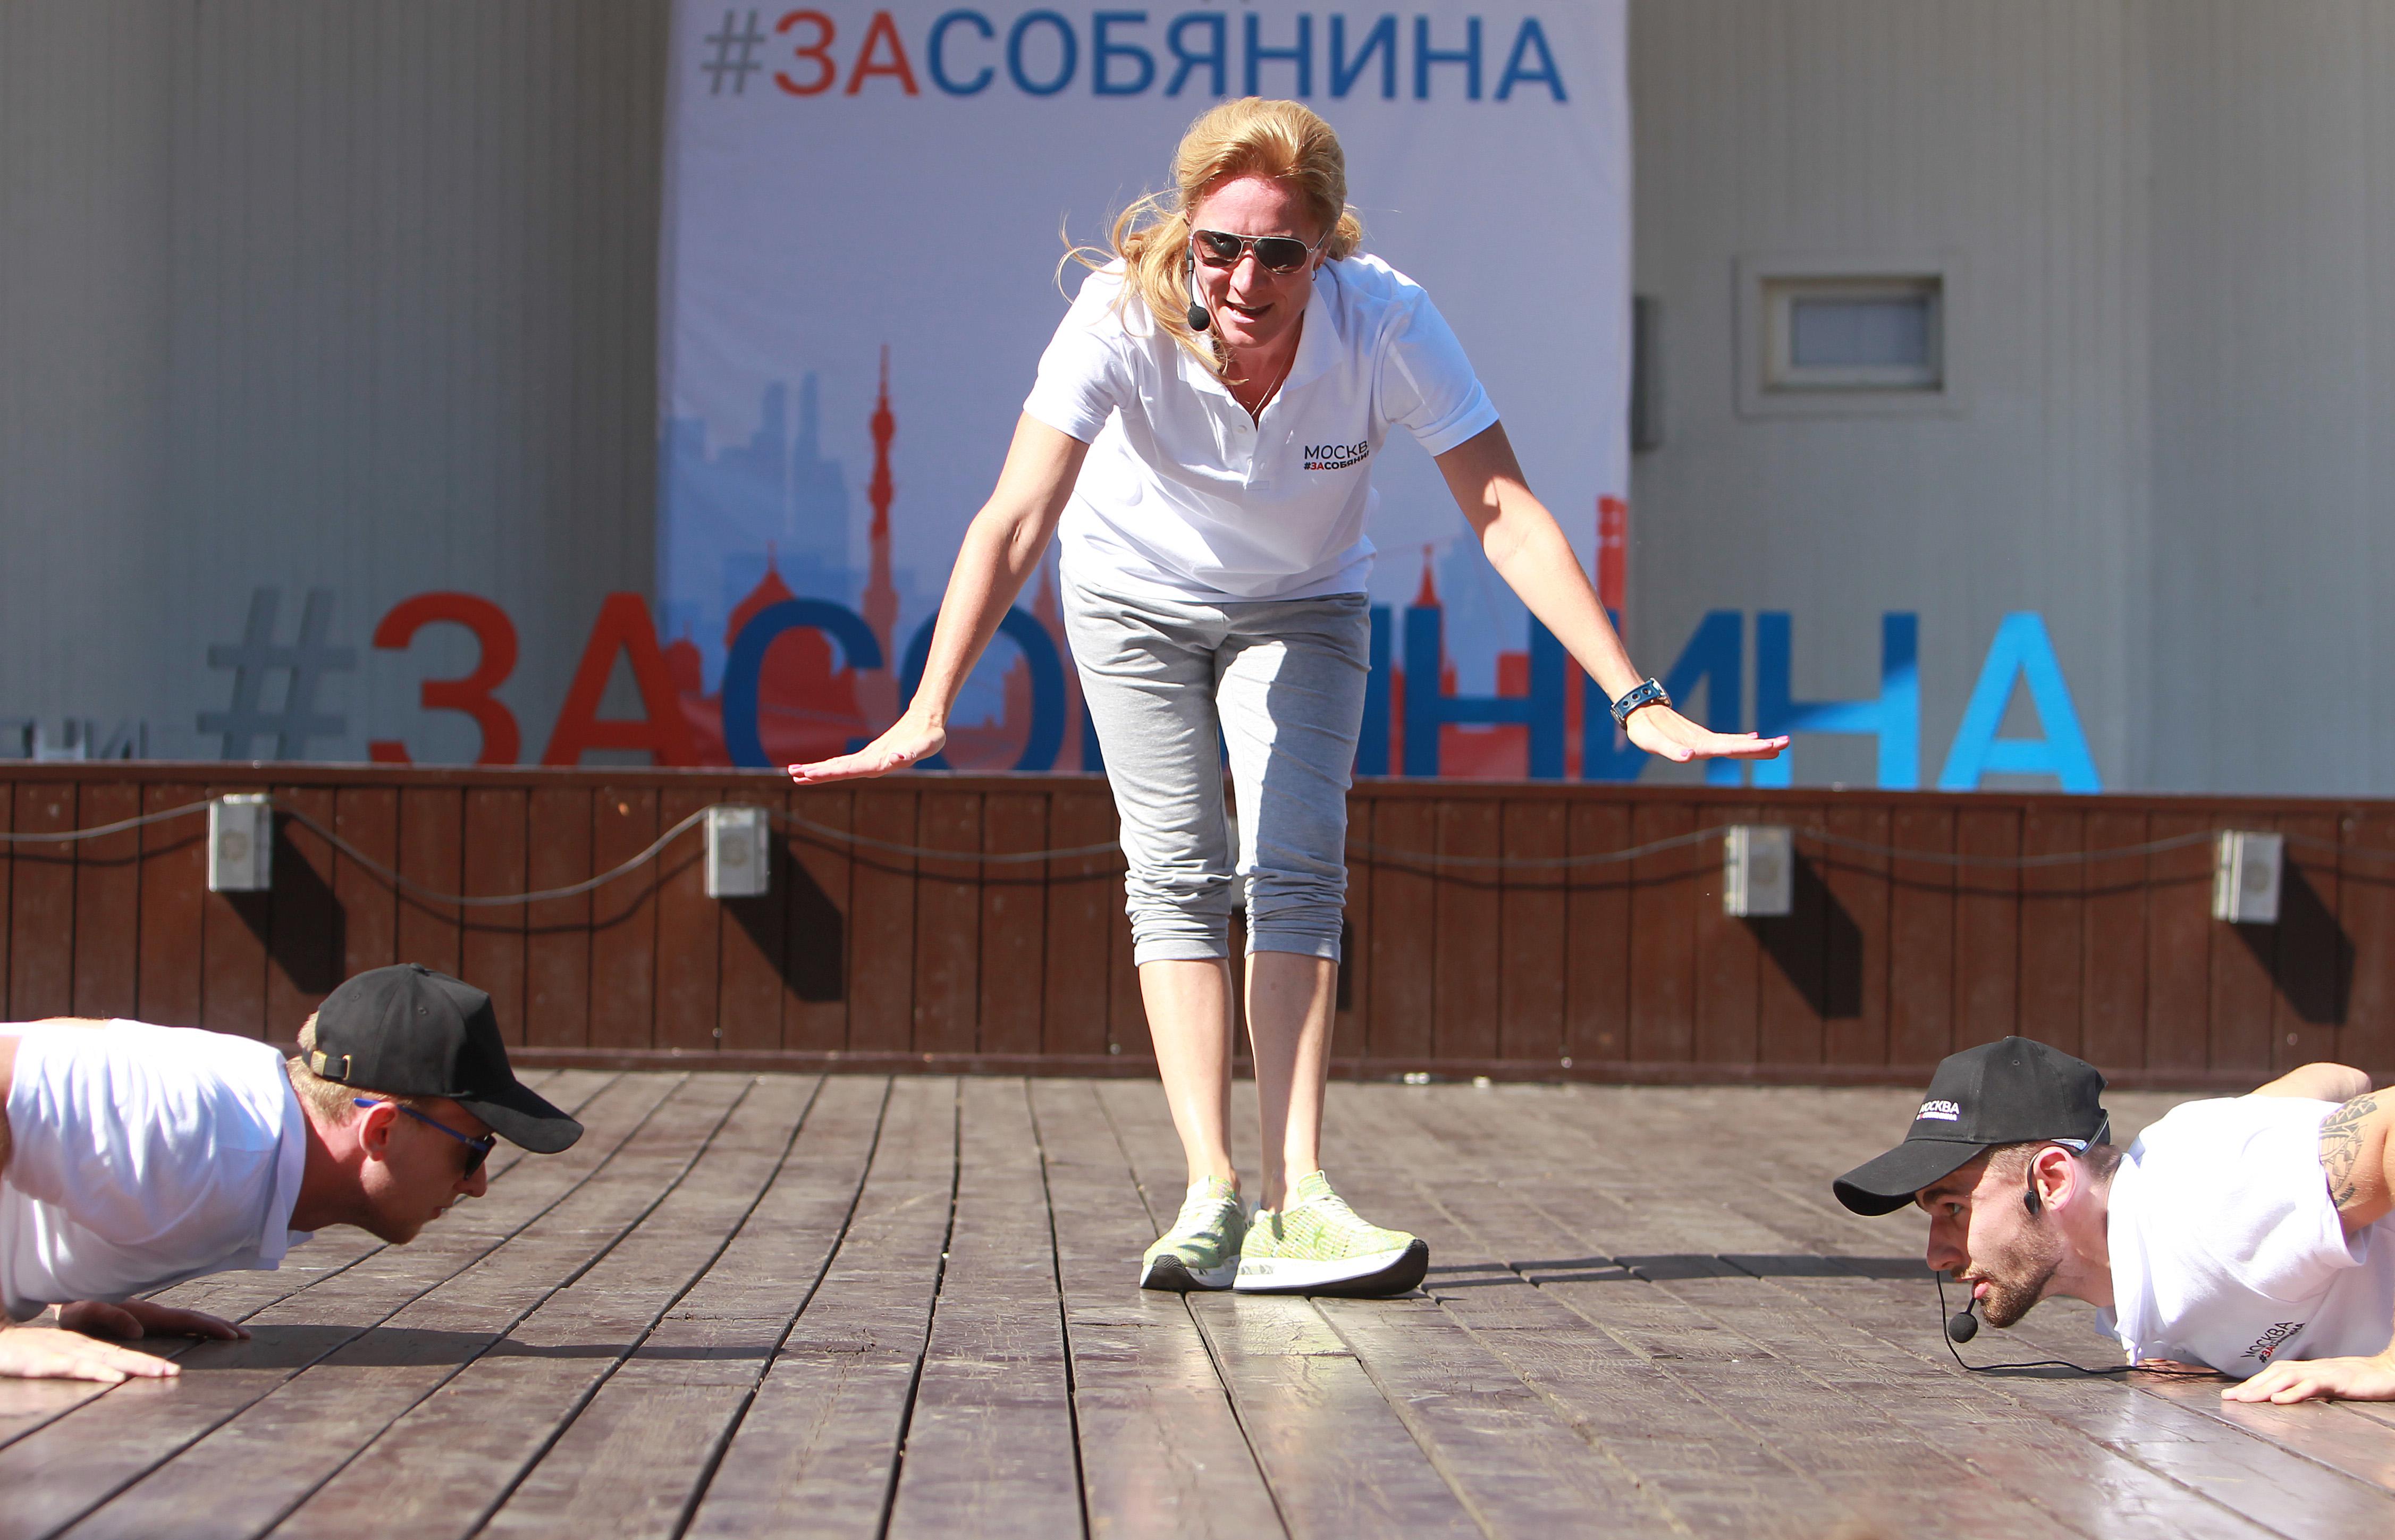 Депутат МГД Киселева: Бесплатные спортивные занятия проходят в 23 столичных зонах отдыха